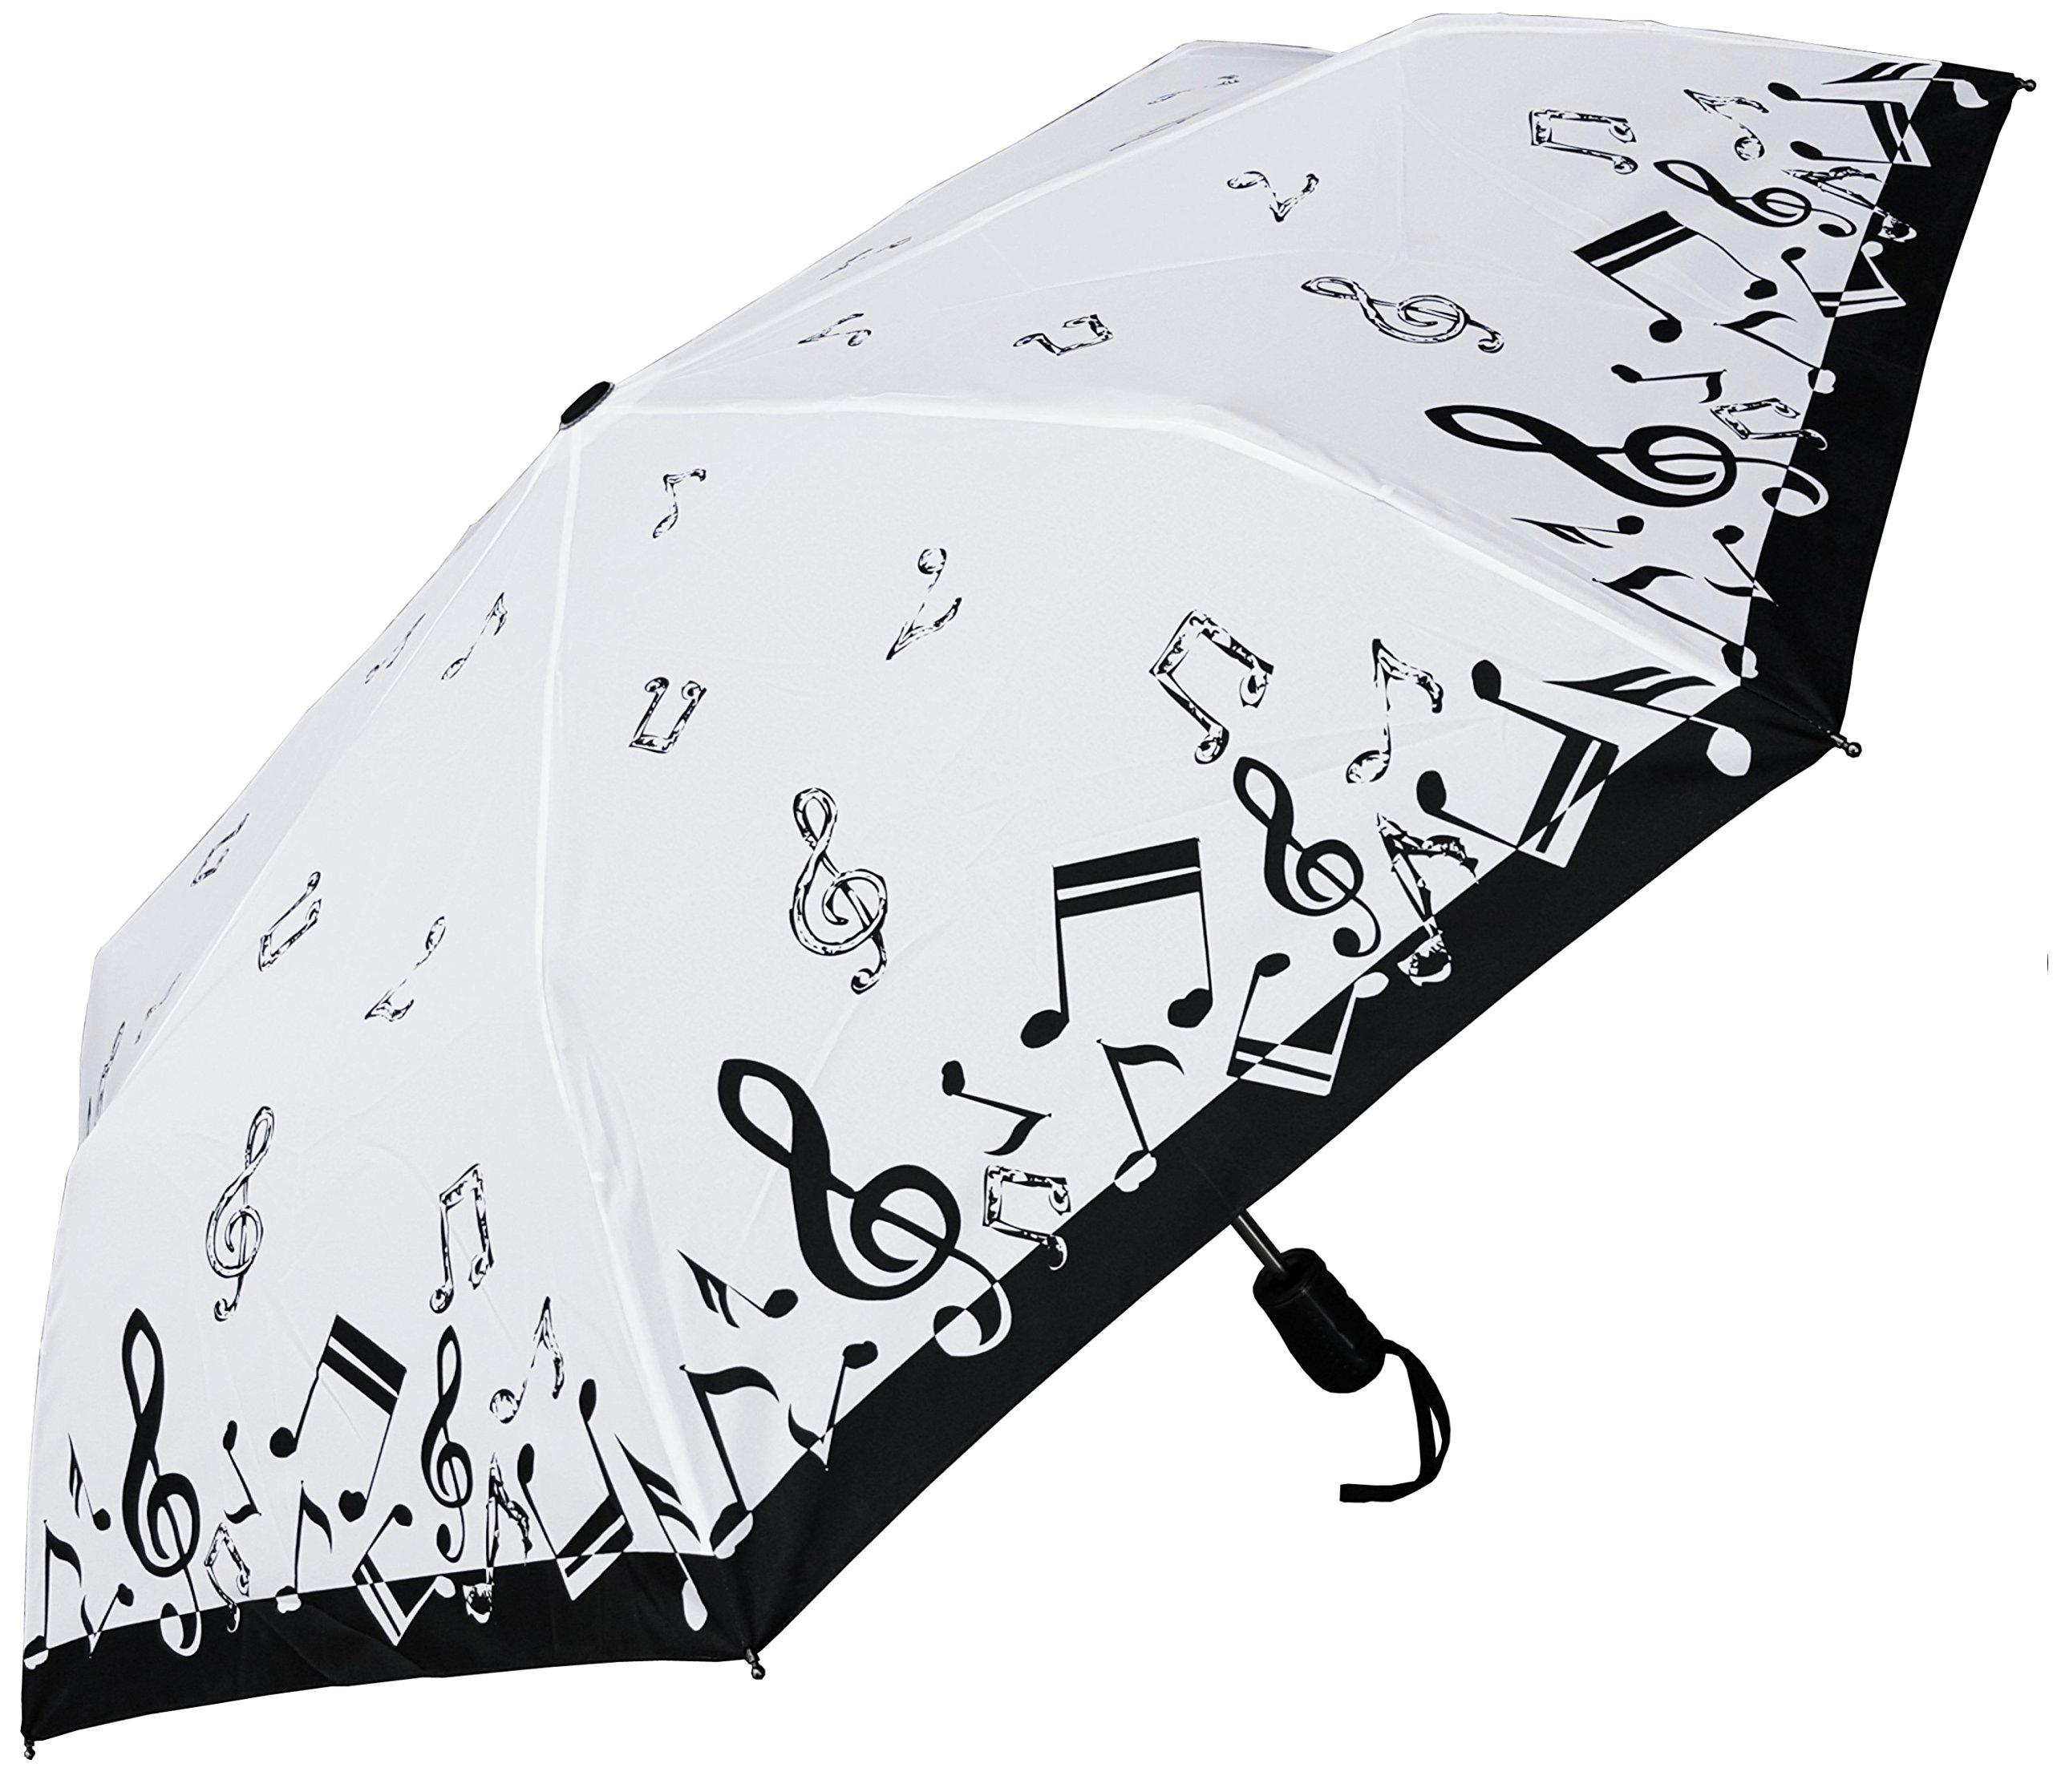 RainStoppers Umbrella 44'' Auto Open Auto Close Mini Music Design, Black/White, 44'' Arc